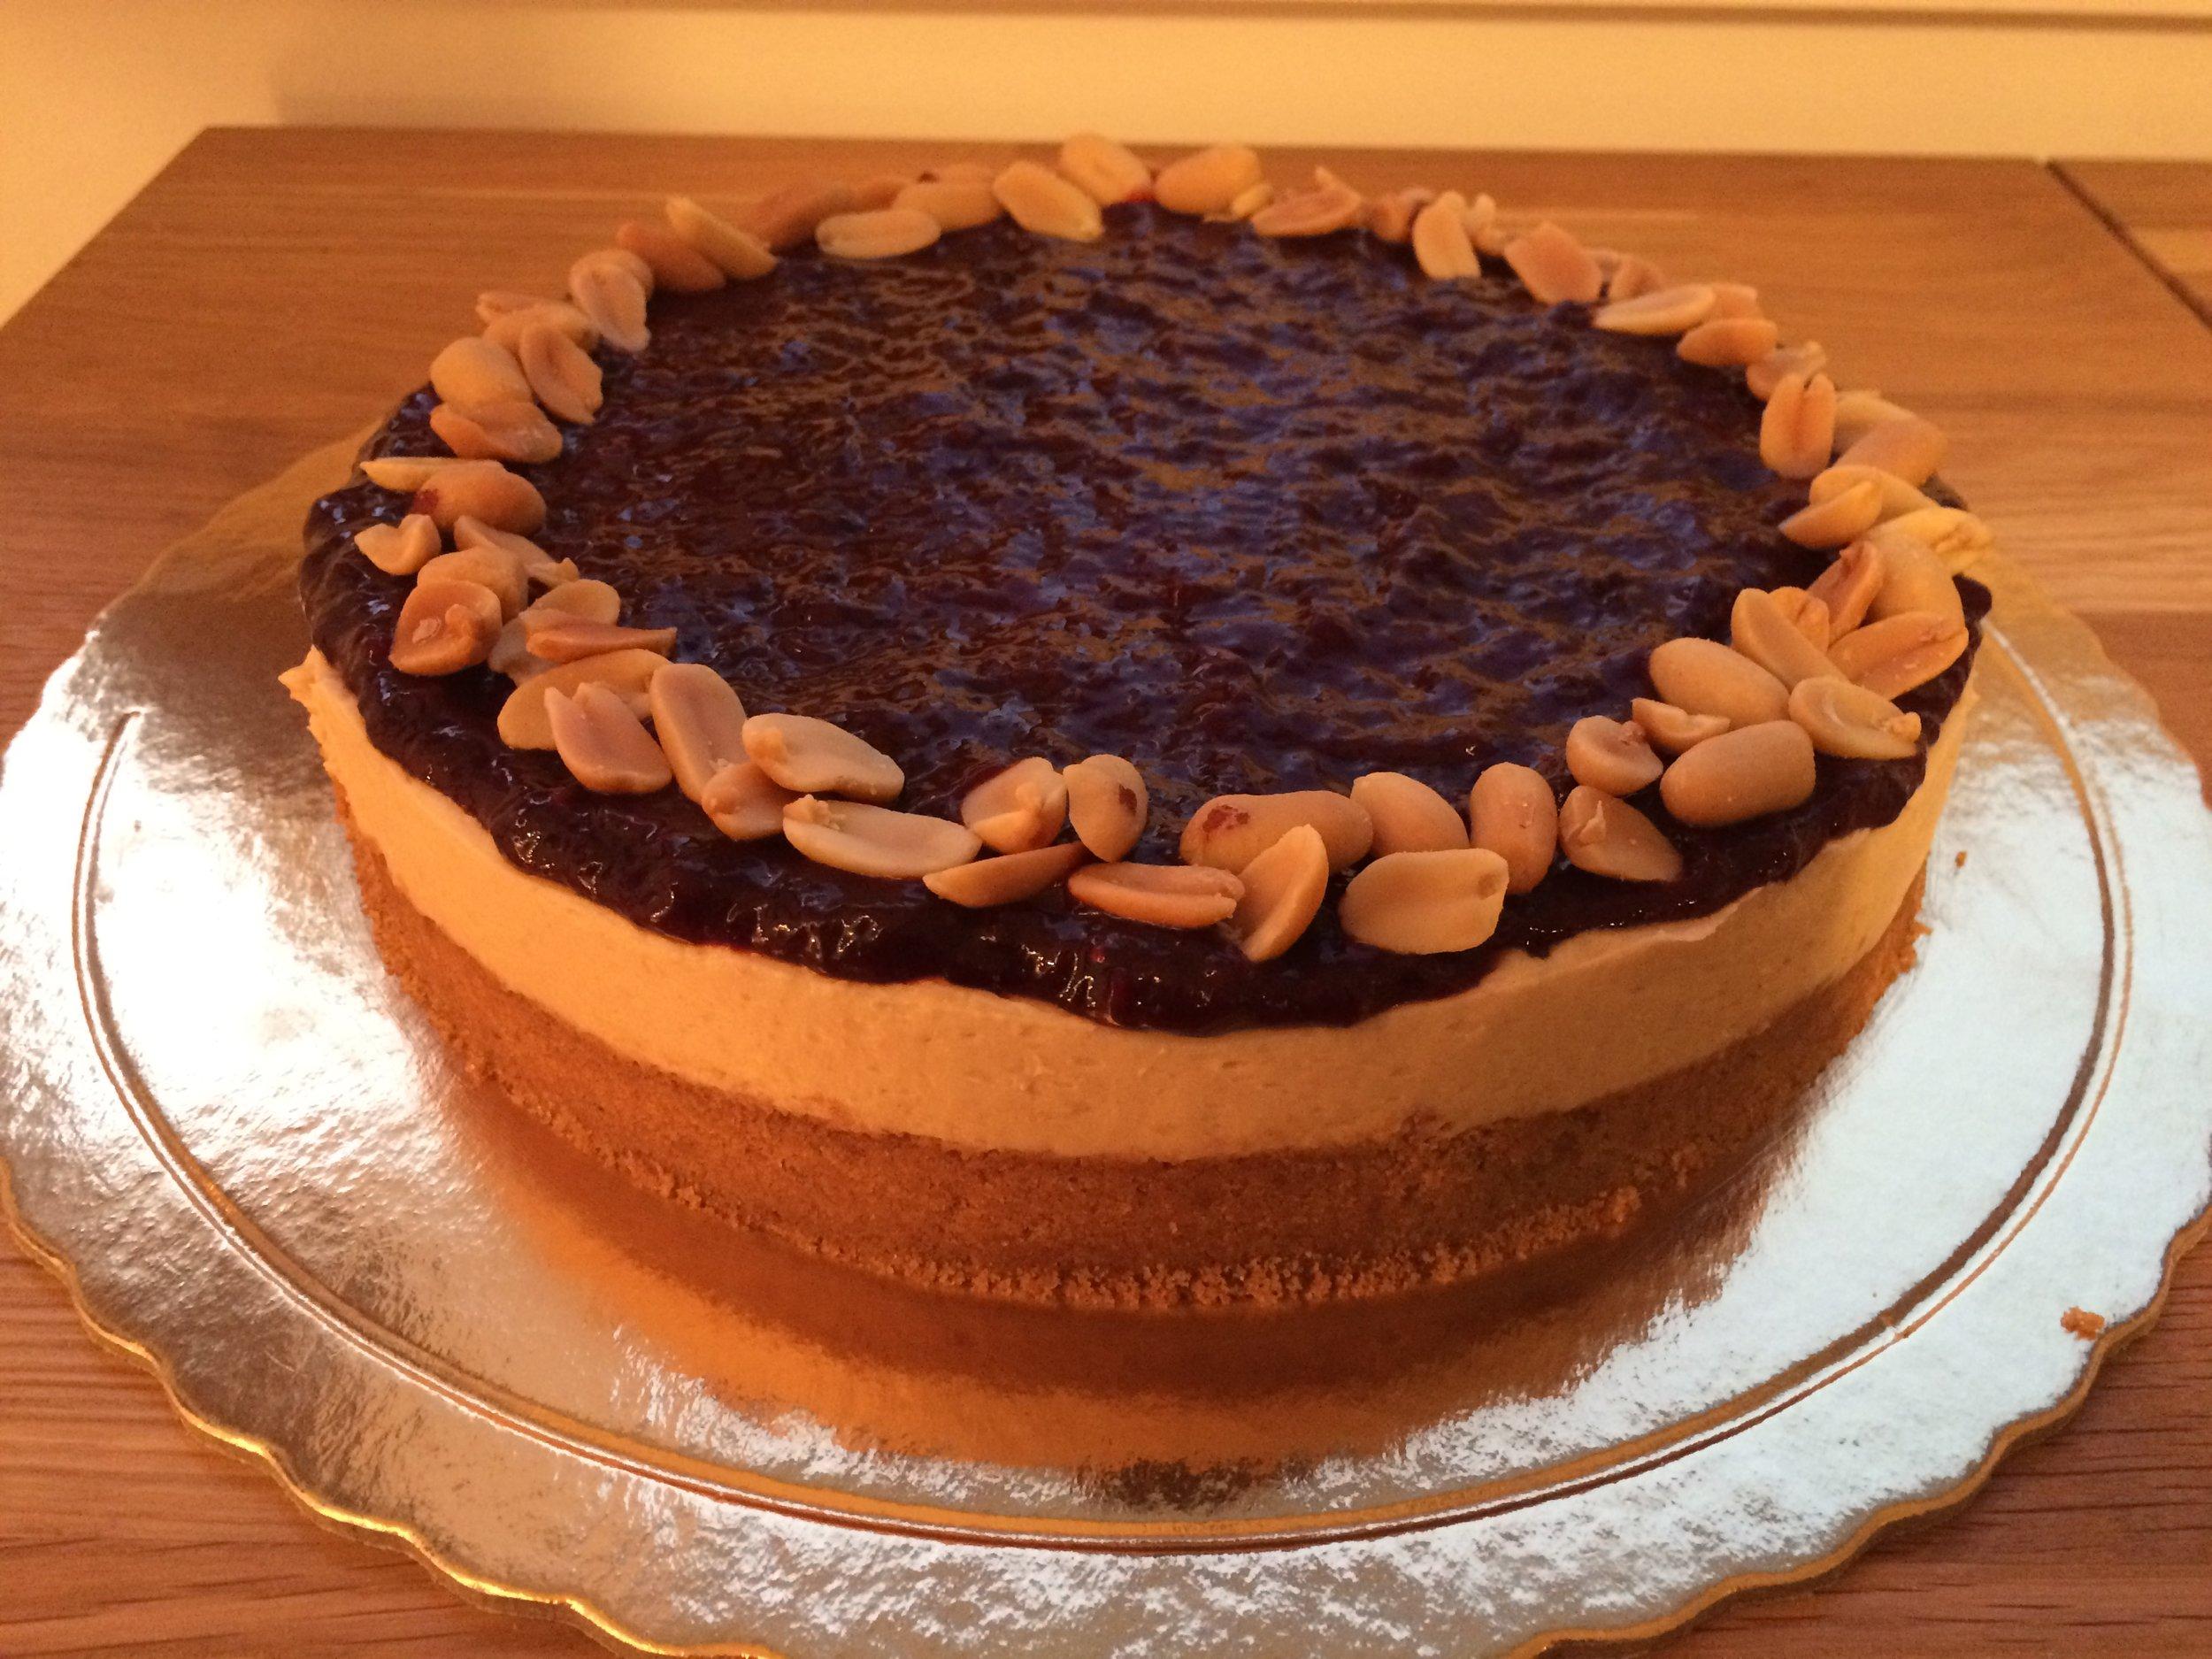 Cheesecake PBJ- manteiga de amendoim e compota